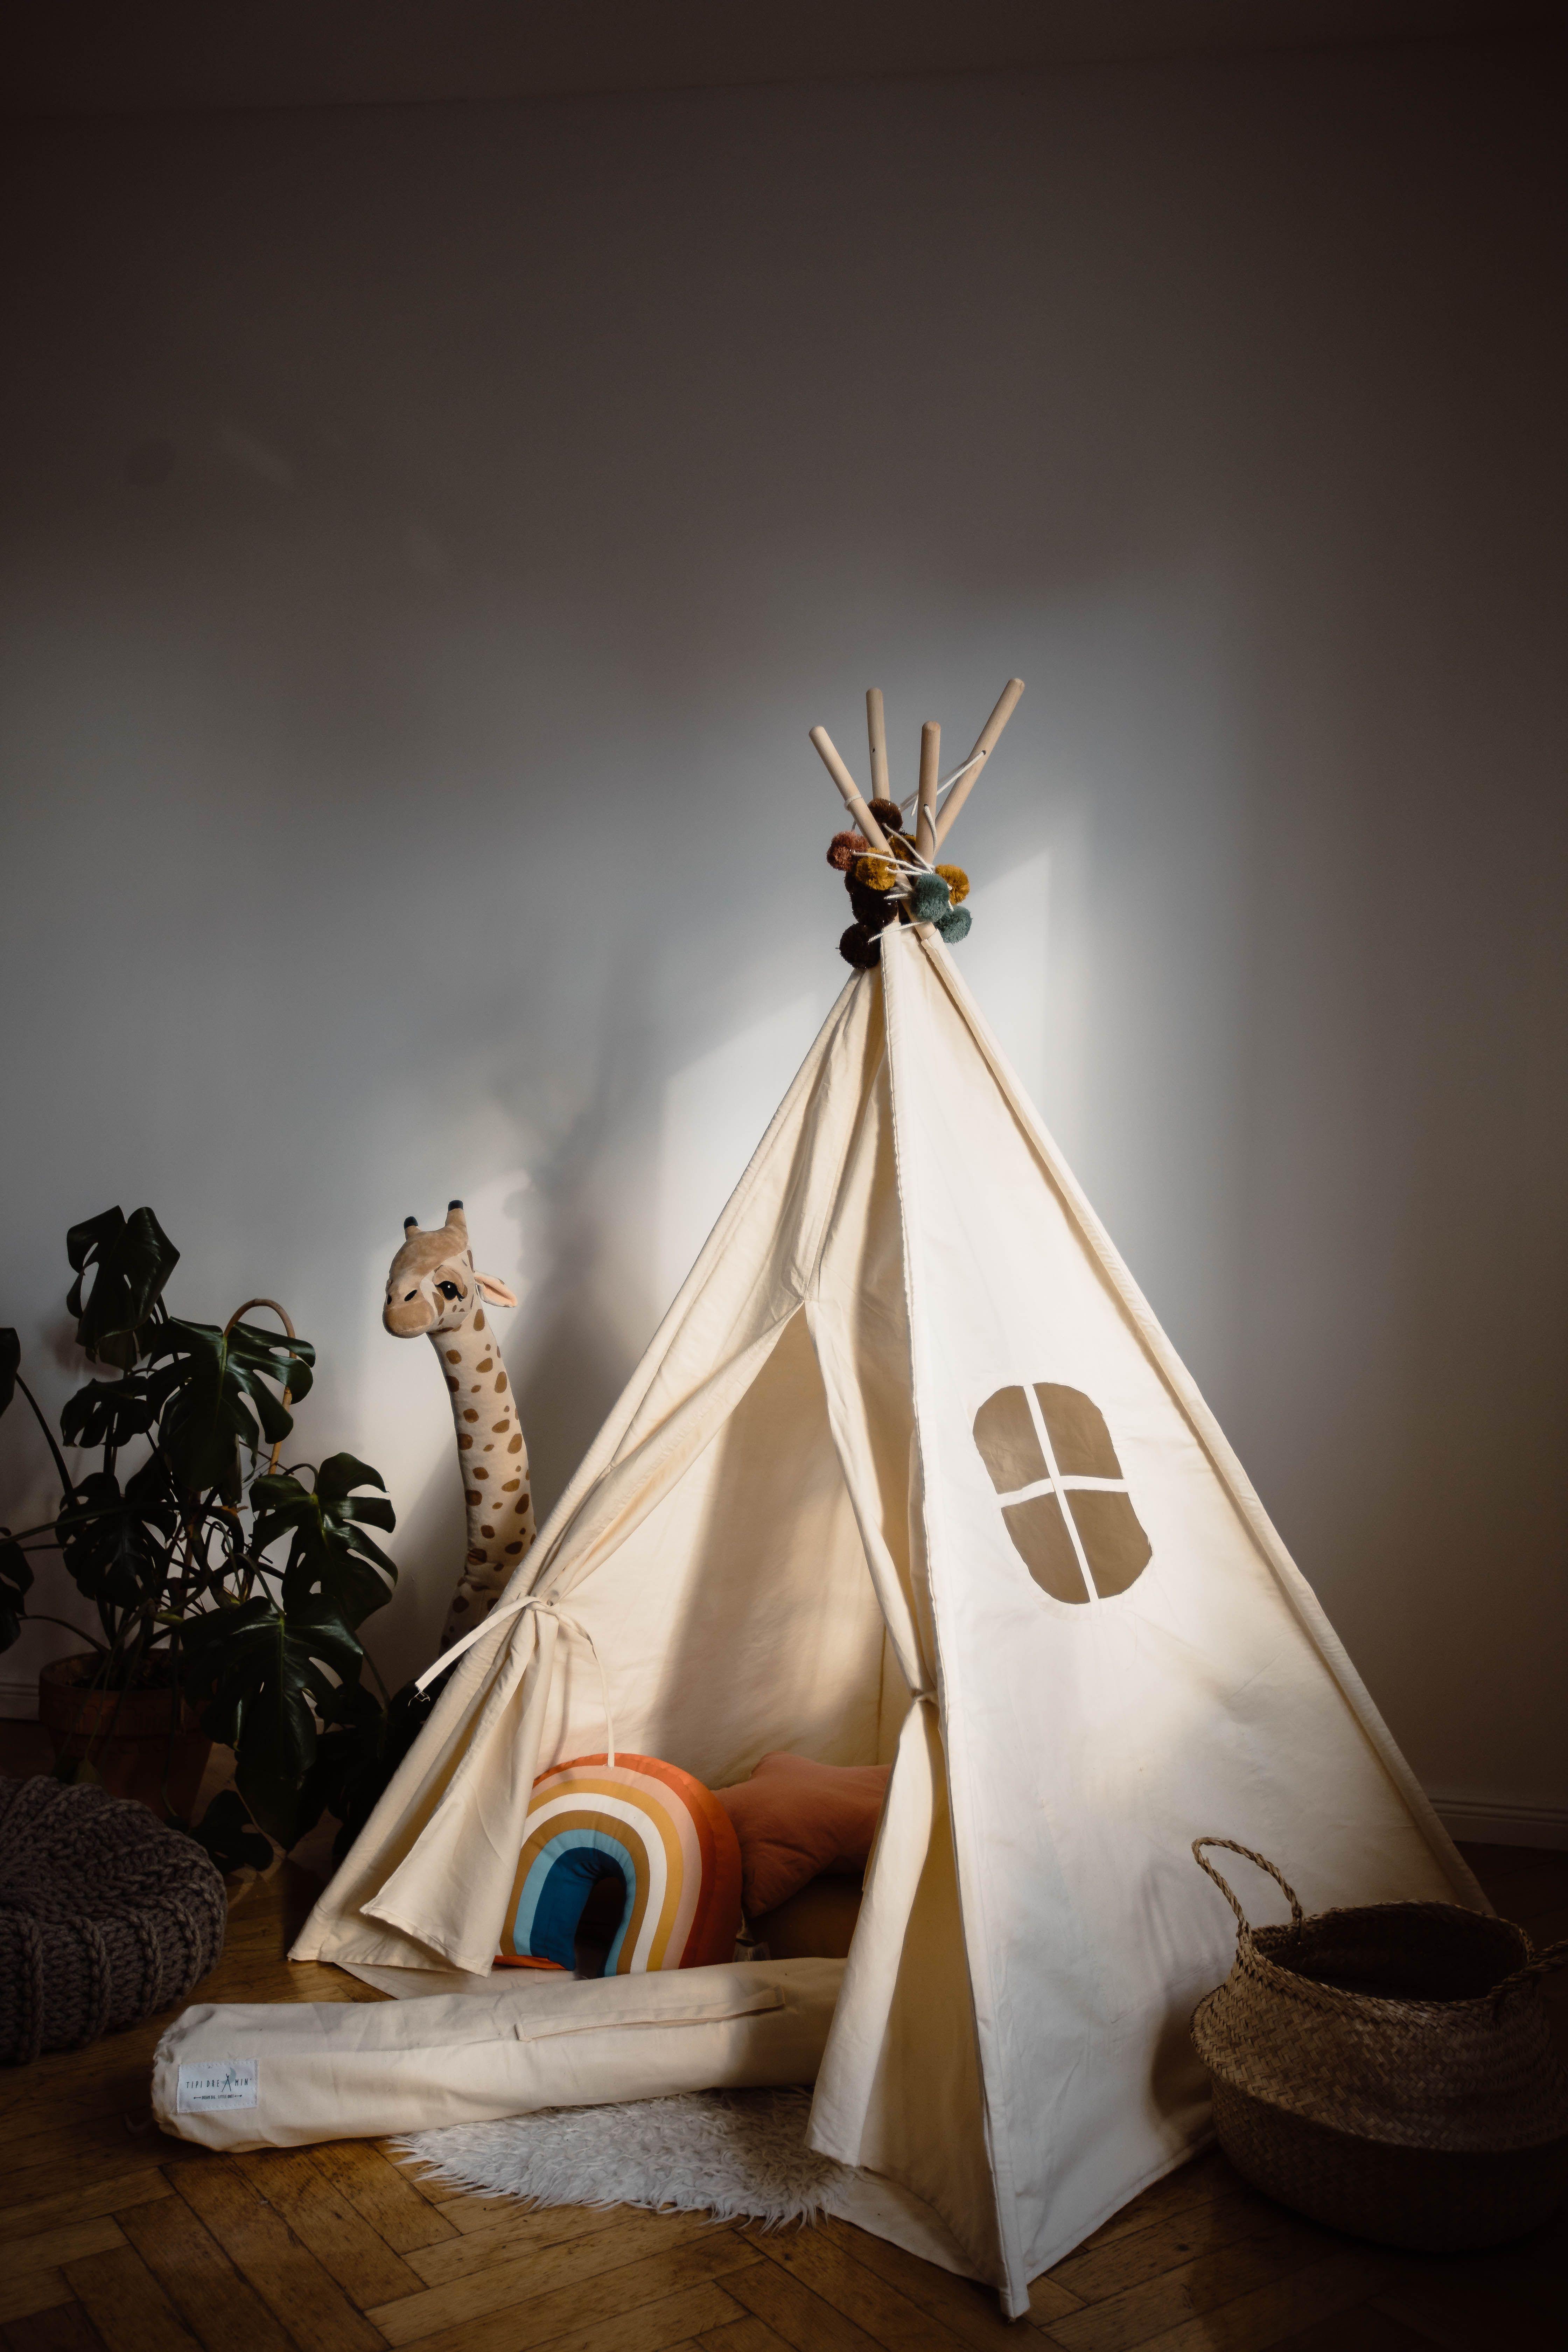 Perfect Tipi Tent! 100% Handmade in EU 🇪🇺 Teepee! White and Ecru